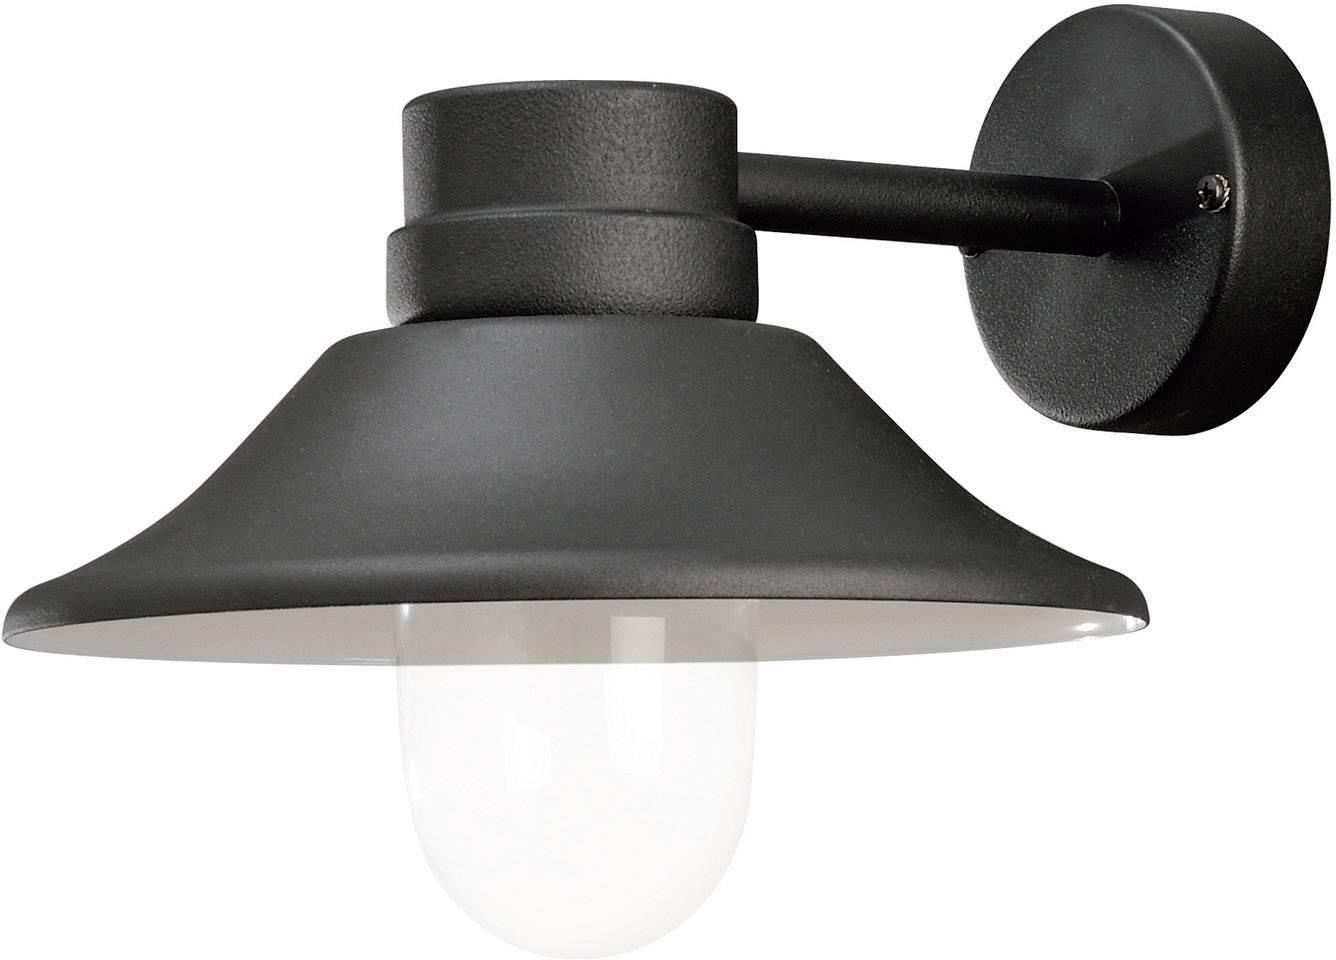 LEDvonkajšie nástennéosvetlenie 5 W teplá biela Konstsmide Vega 412-750 čierna